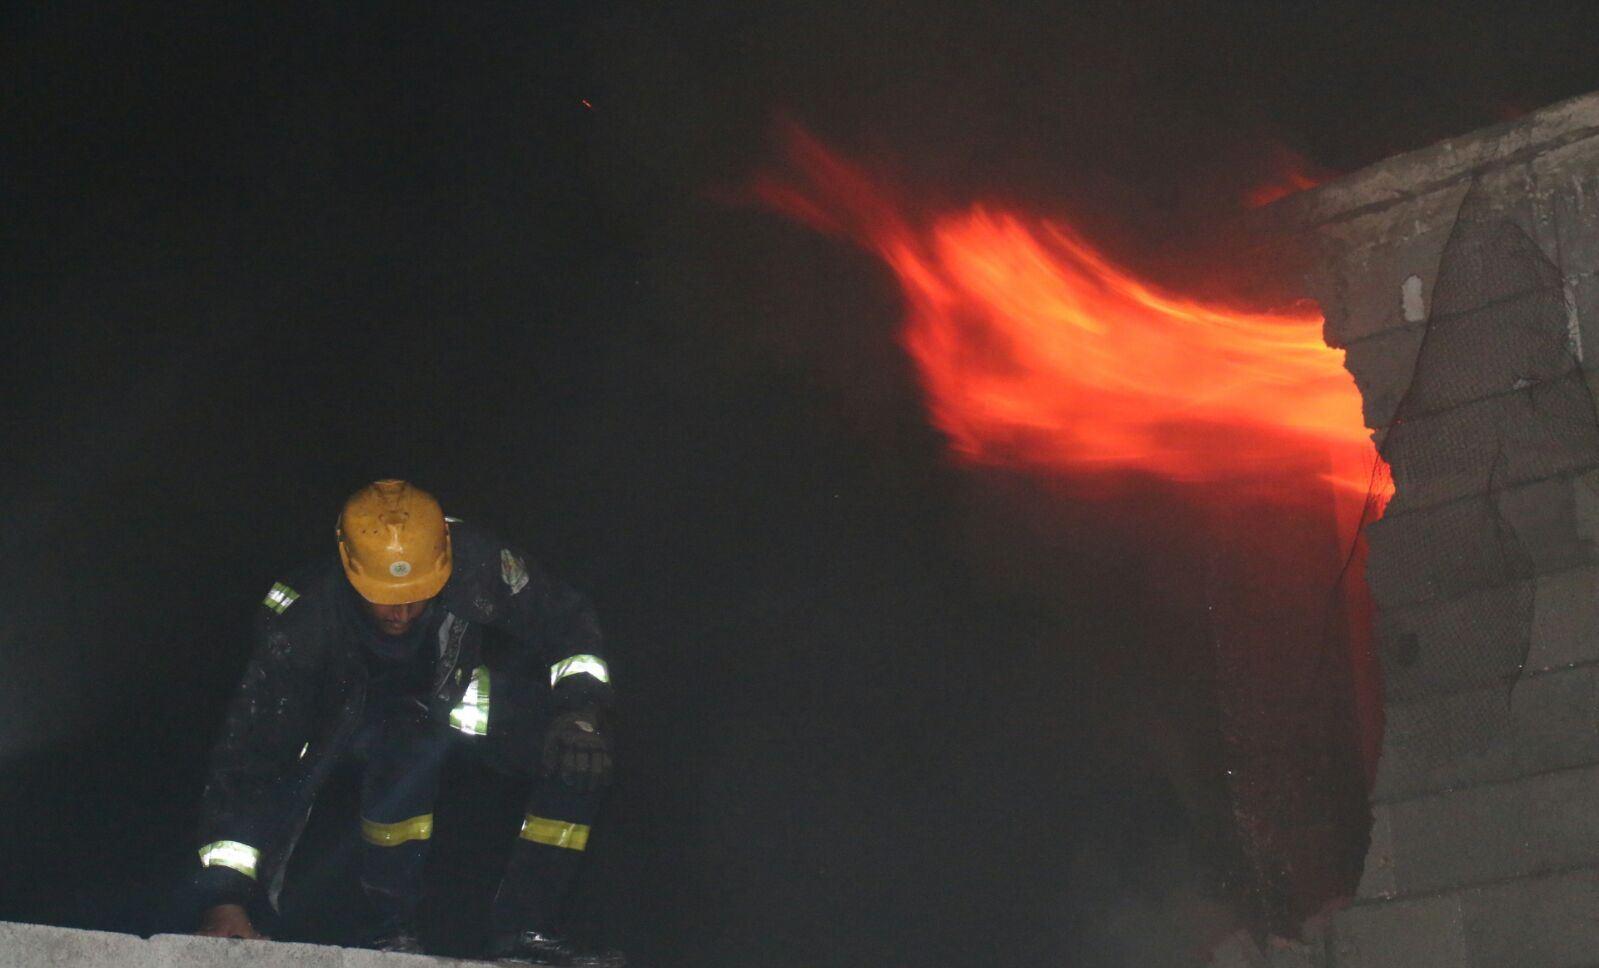 حريق مستودع بحي الحسينية بمكة المكرمة (2)